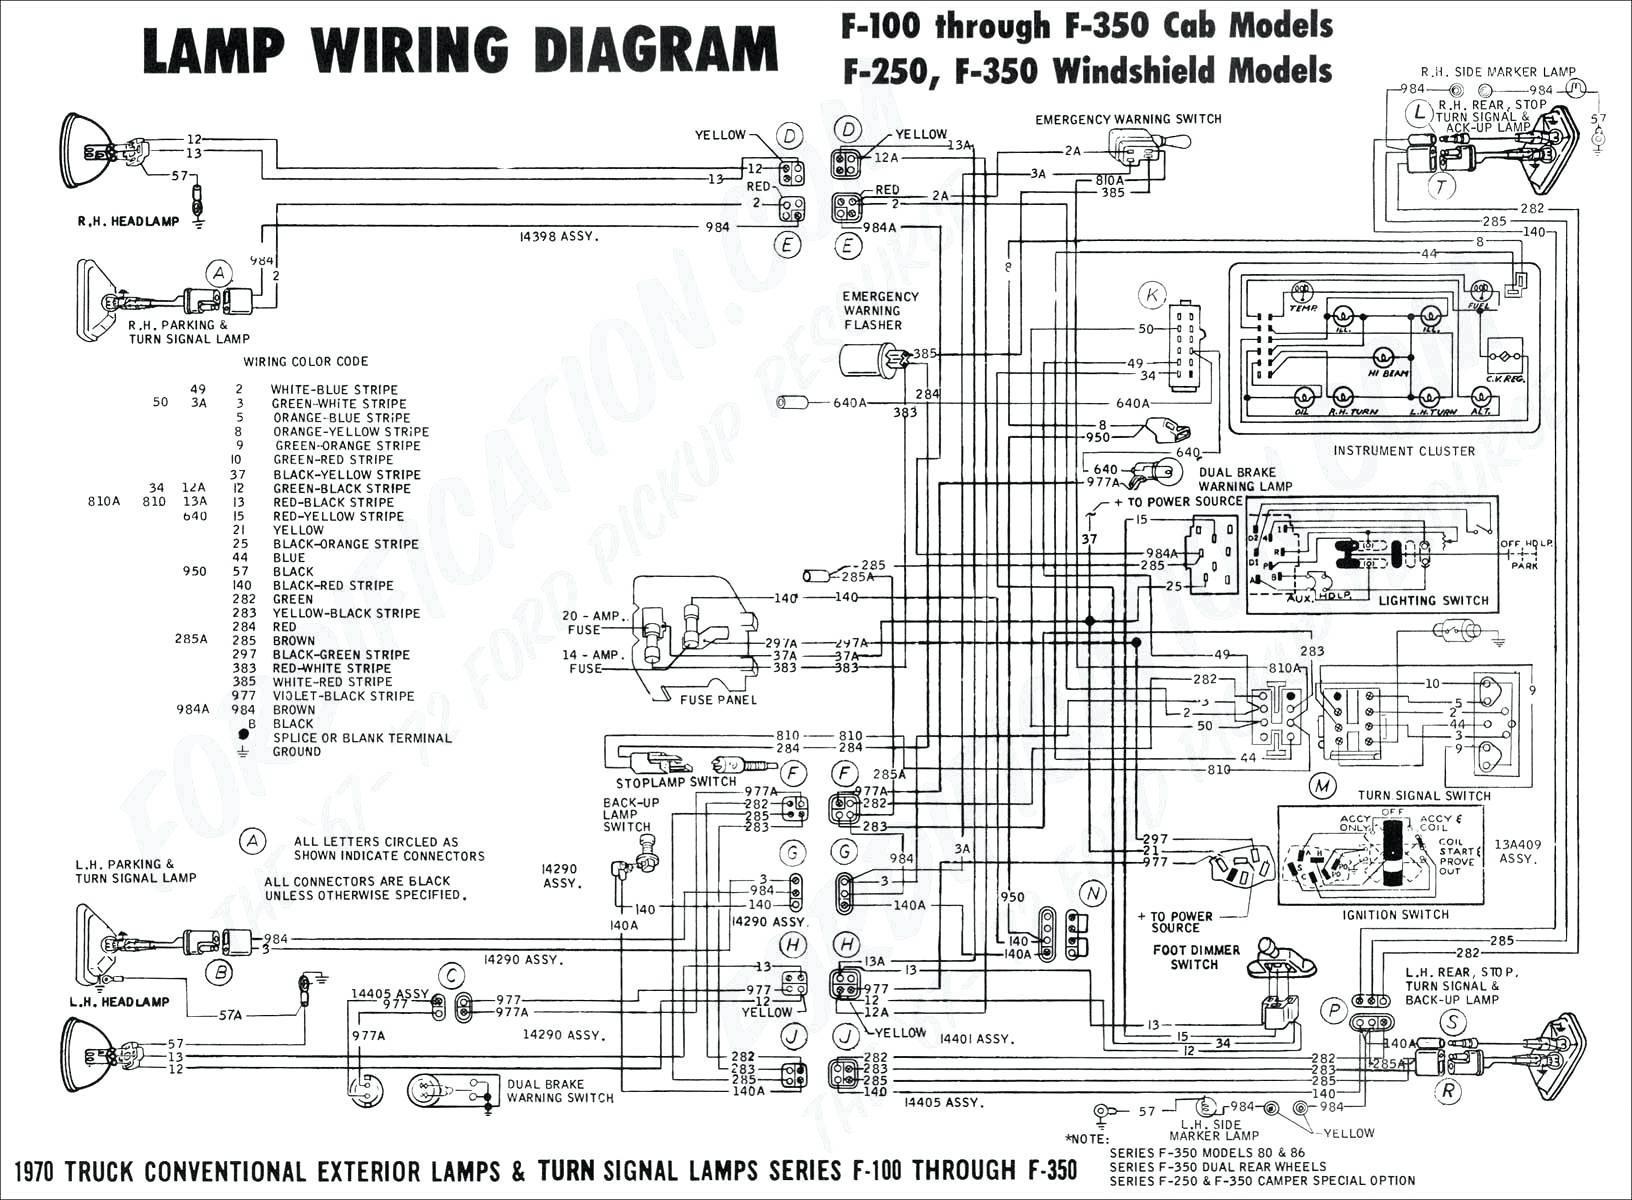 1996 Mercury Sable Engine Diagram 1994 ford Taurus Wiring Schematic Of 1996 Mercury Sable Engine Diagram